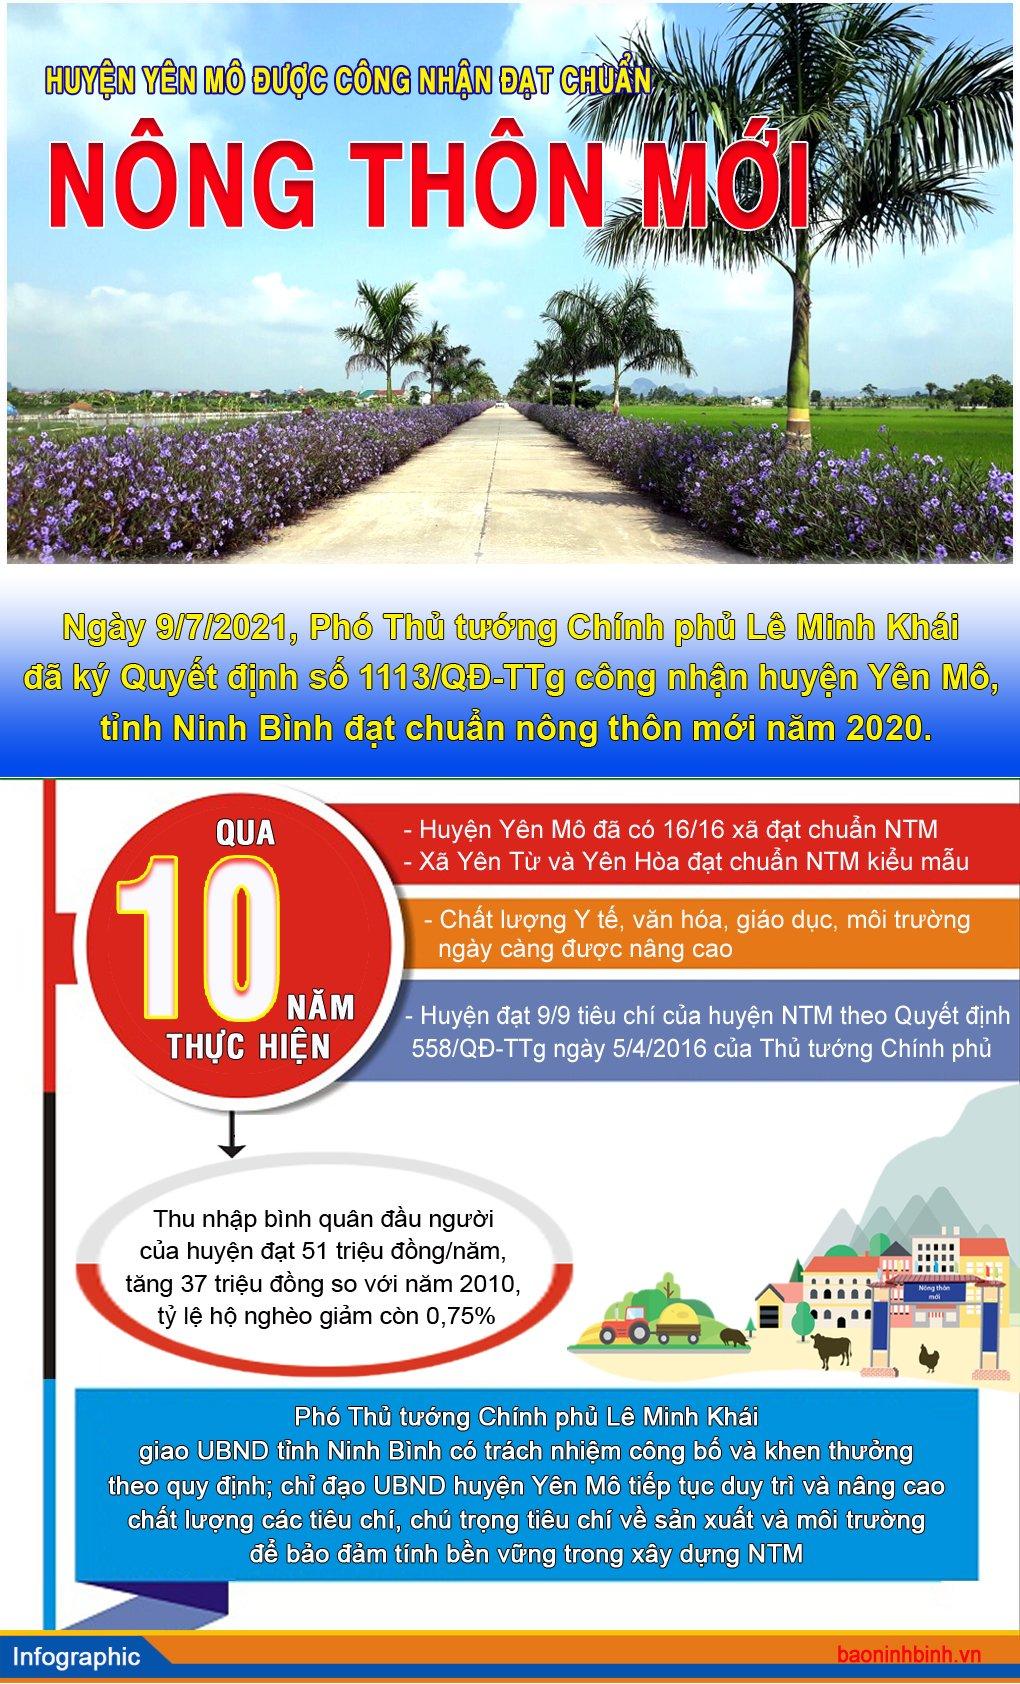 [Infographics] Huyện Yên Mô được công nhận đạt chuẩn nông thôn mới